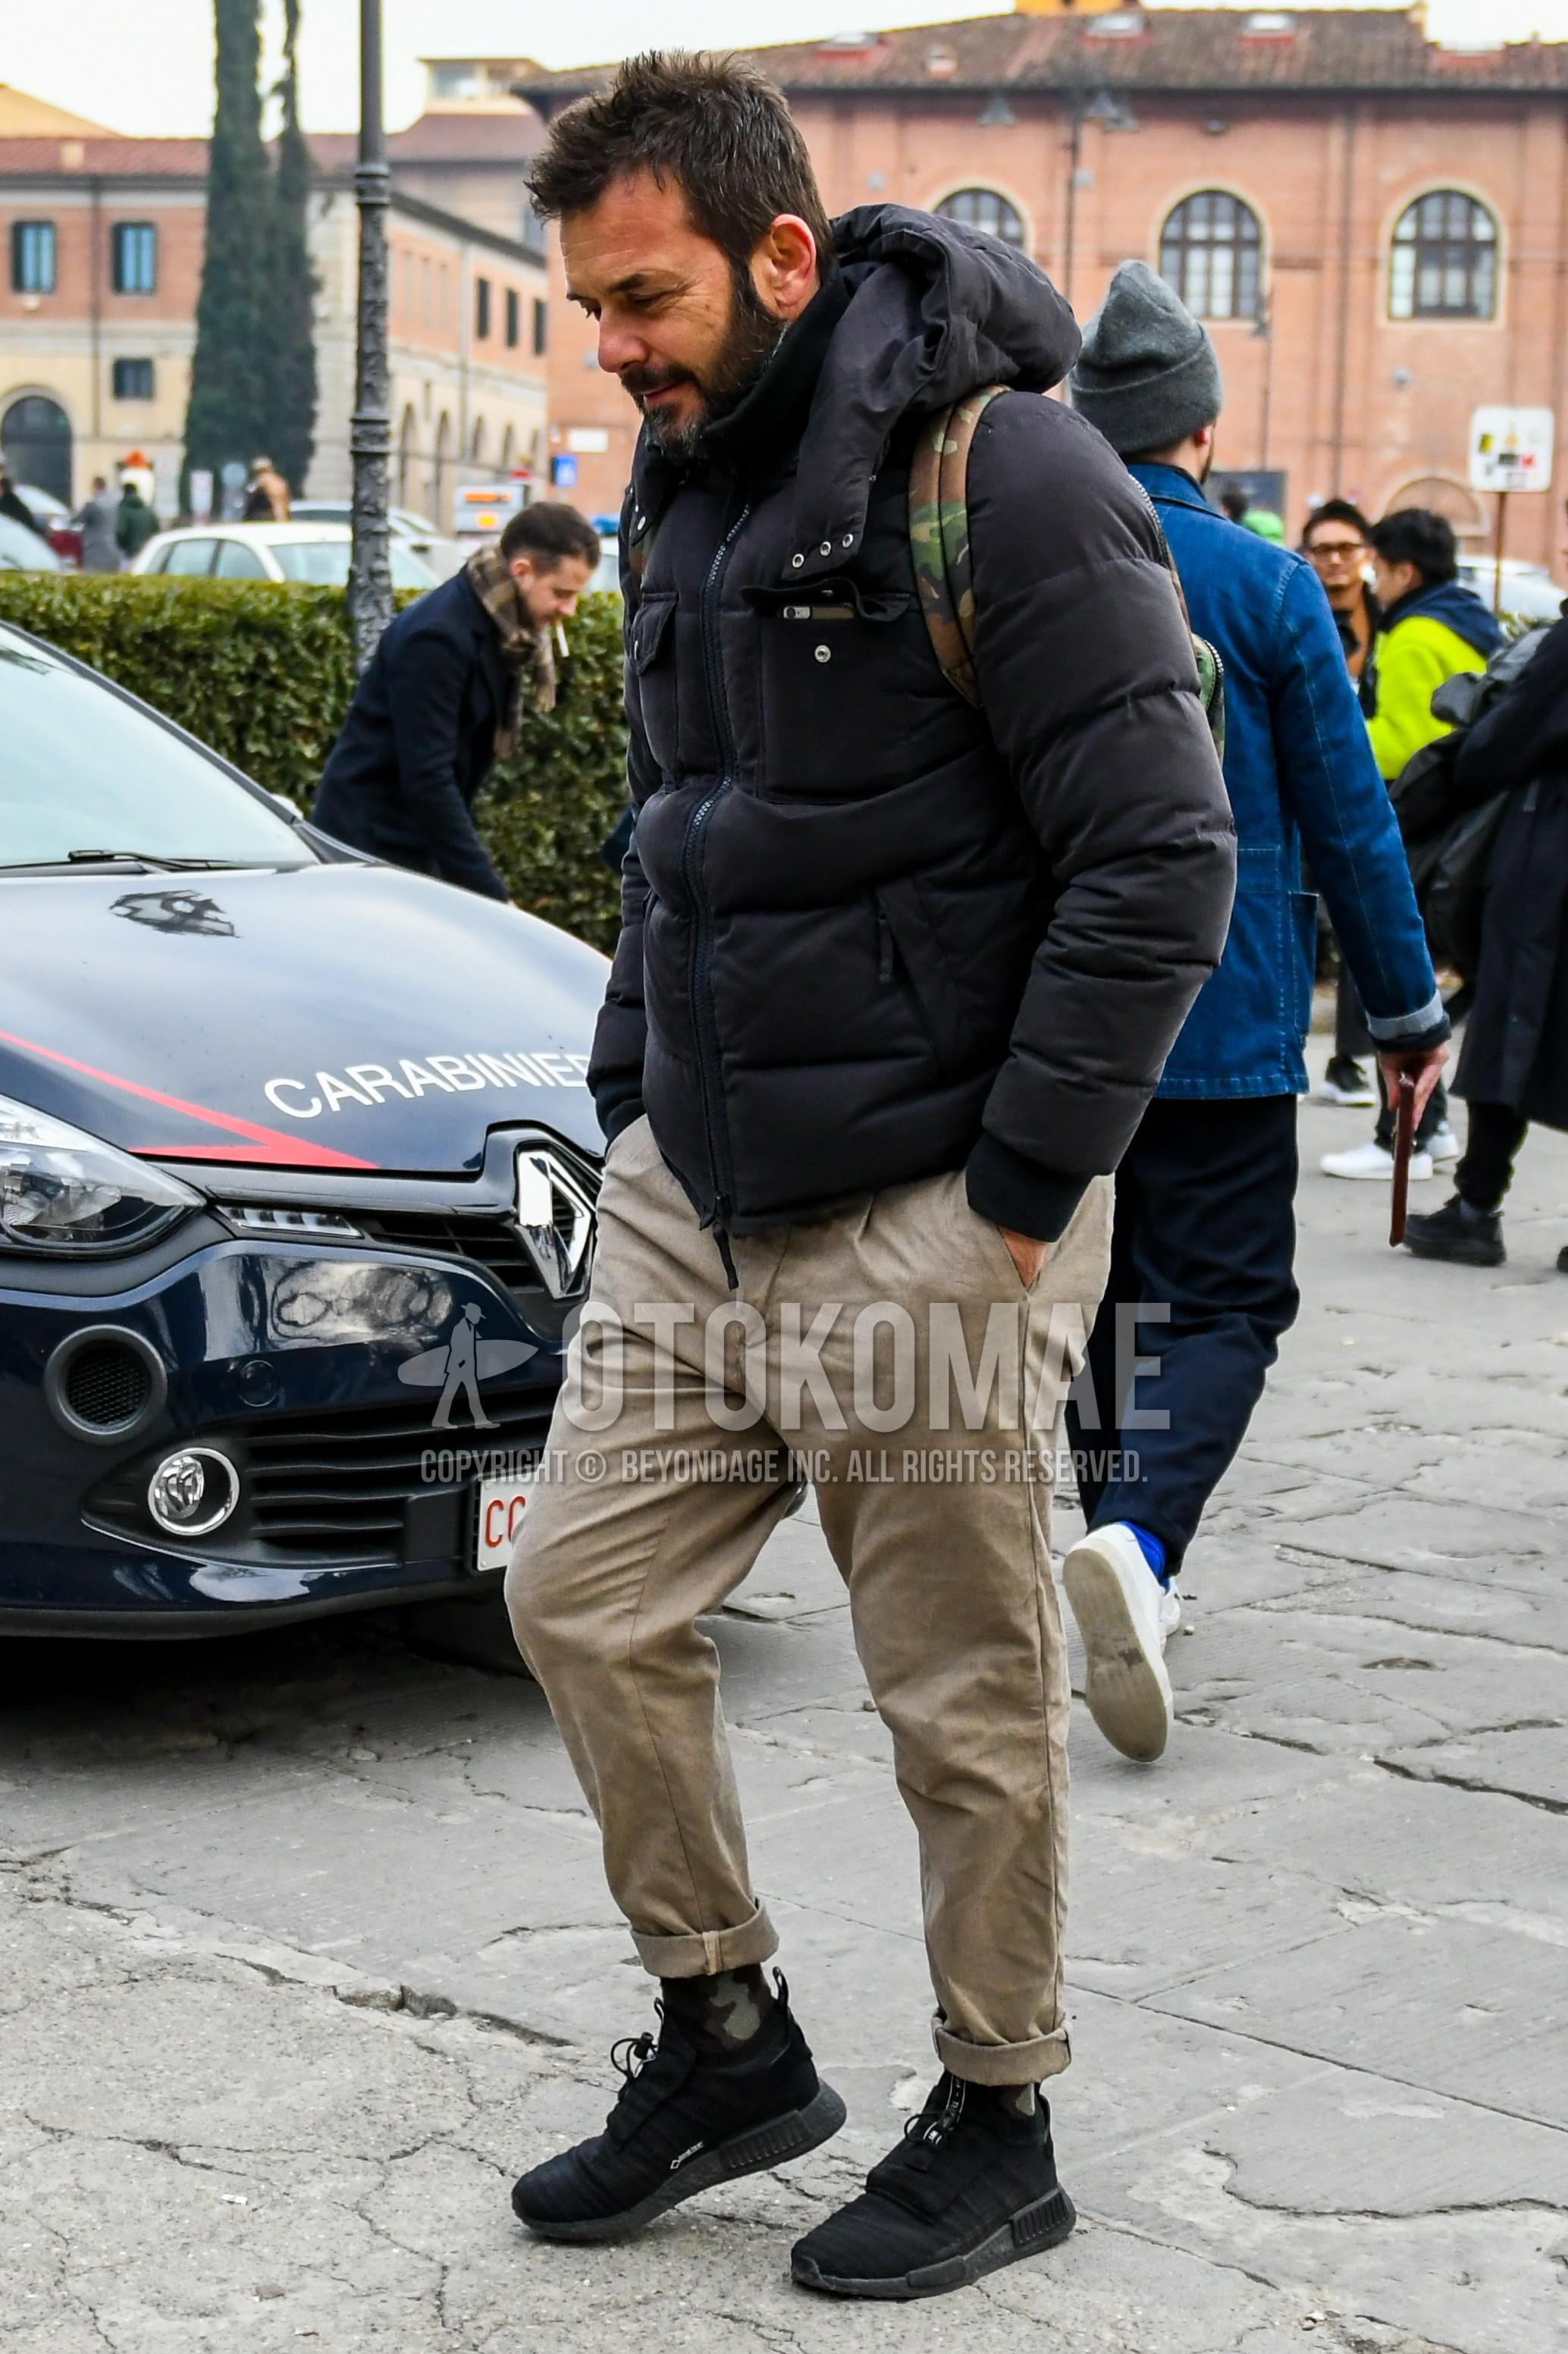 黒無地のダウンジャケット、ベージュ無地のコットンパンツ、マルチカラー迷彩のソックス、黒ローカットのスニーカーを合わせた冬のメンズコーデ・着こなし。